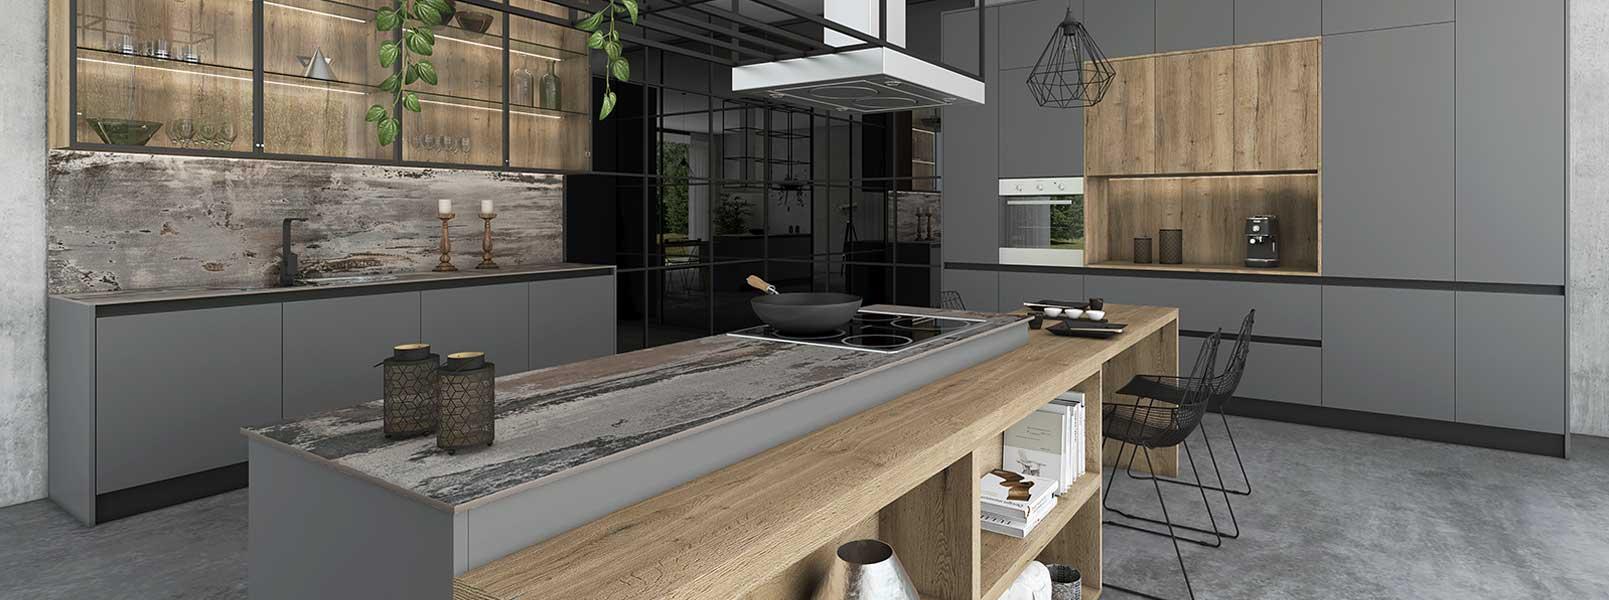 Cocina Muebles De Cocina Rosario Galer A De Fotos De  # Muebles Lema Rosario